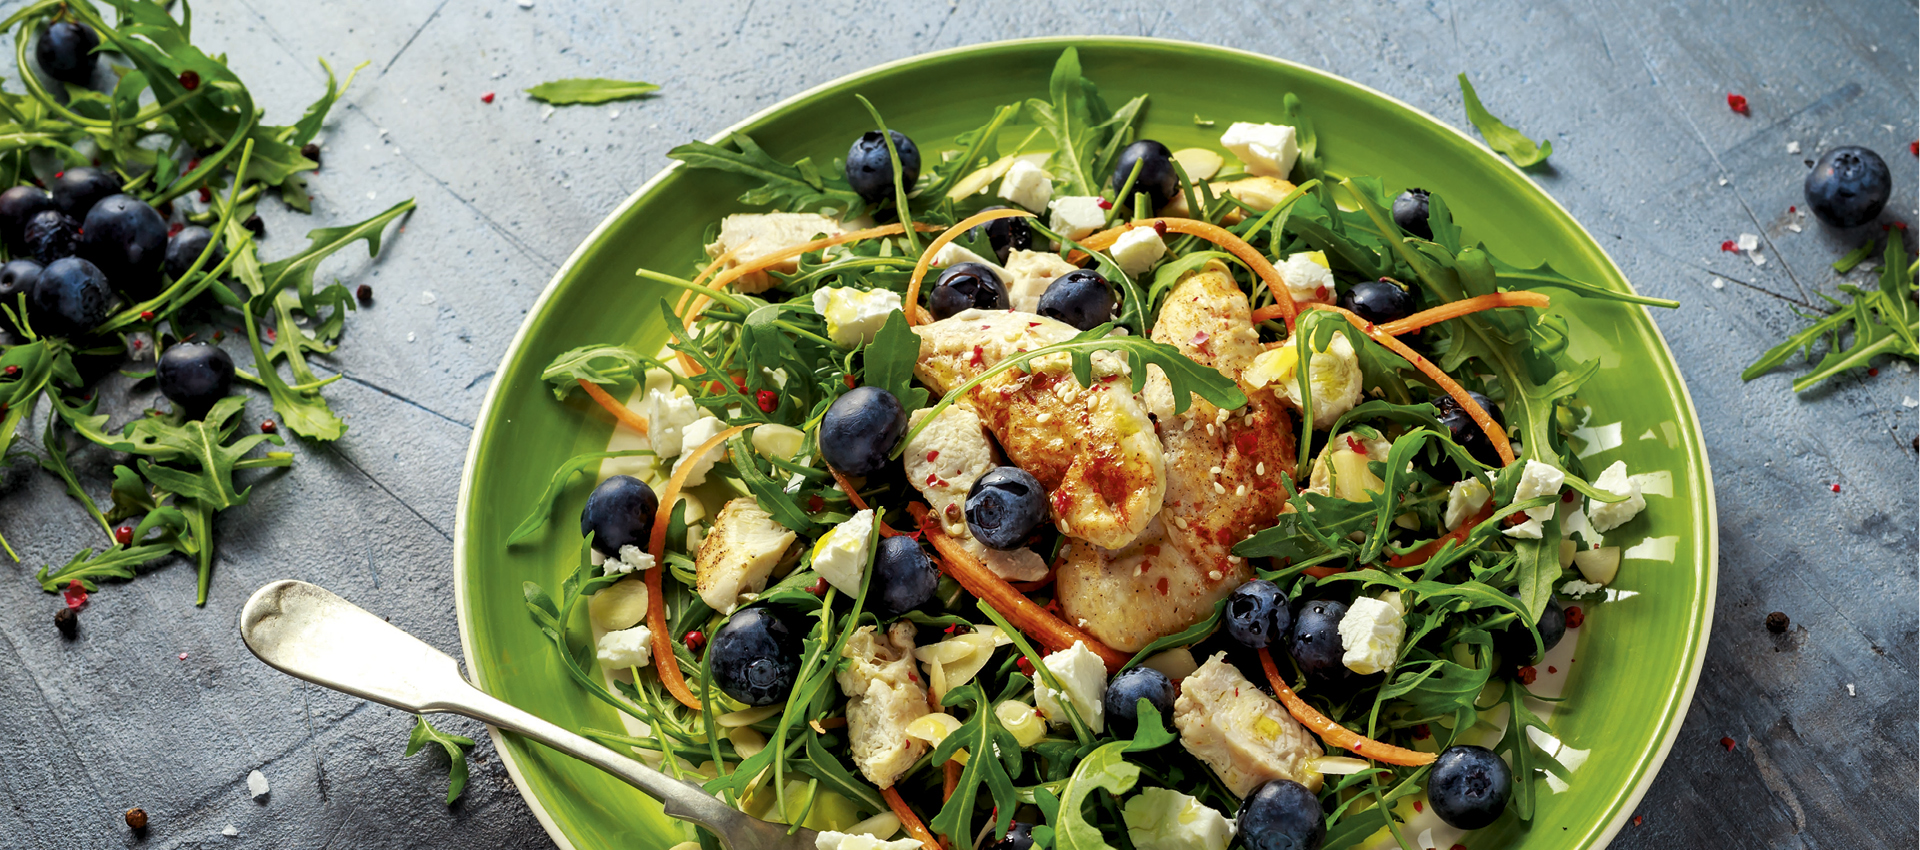 Salata od piletine s borovnicama.jpg